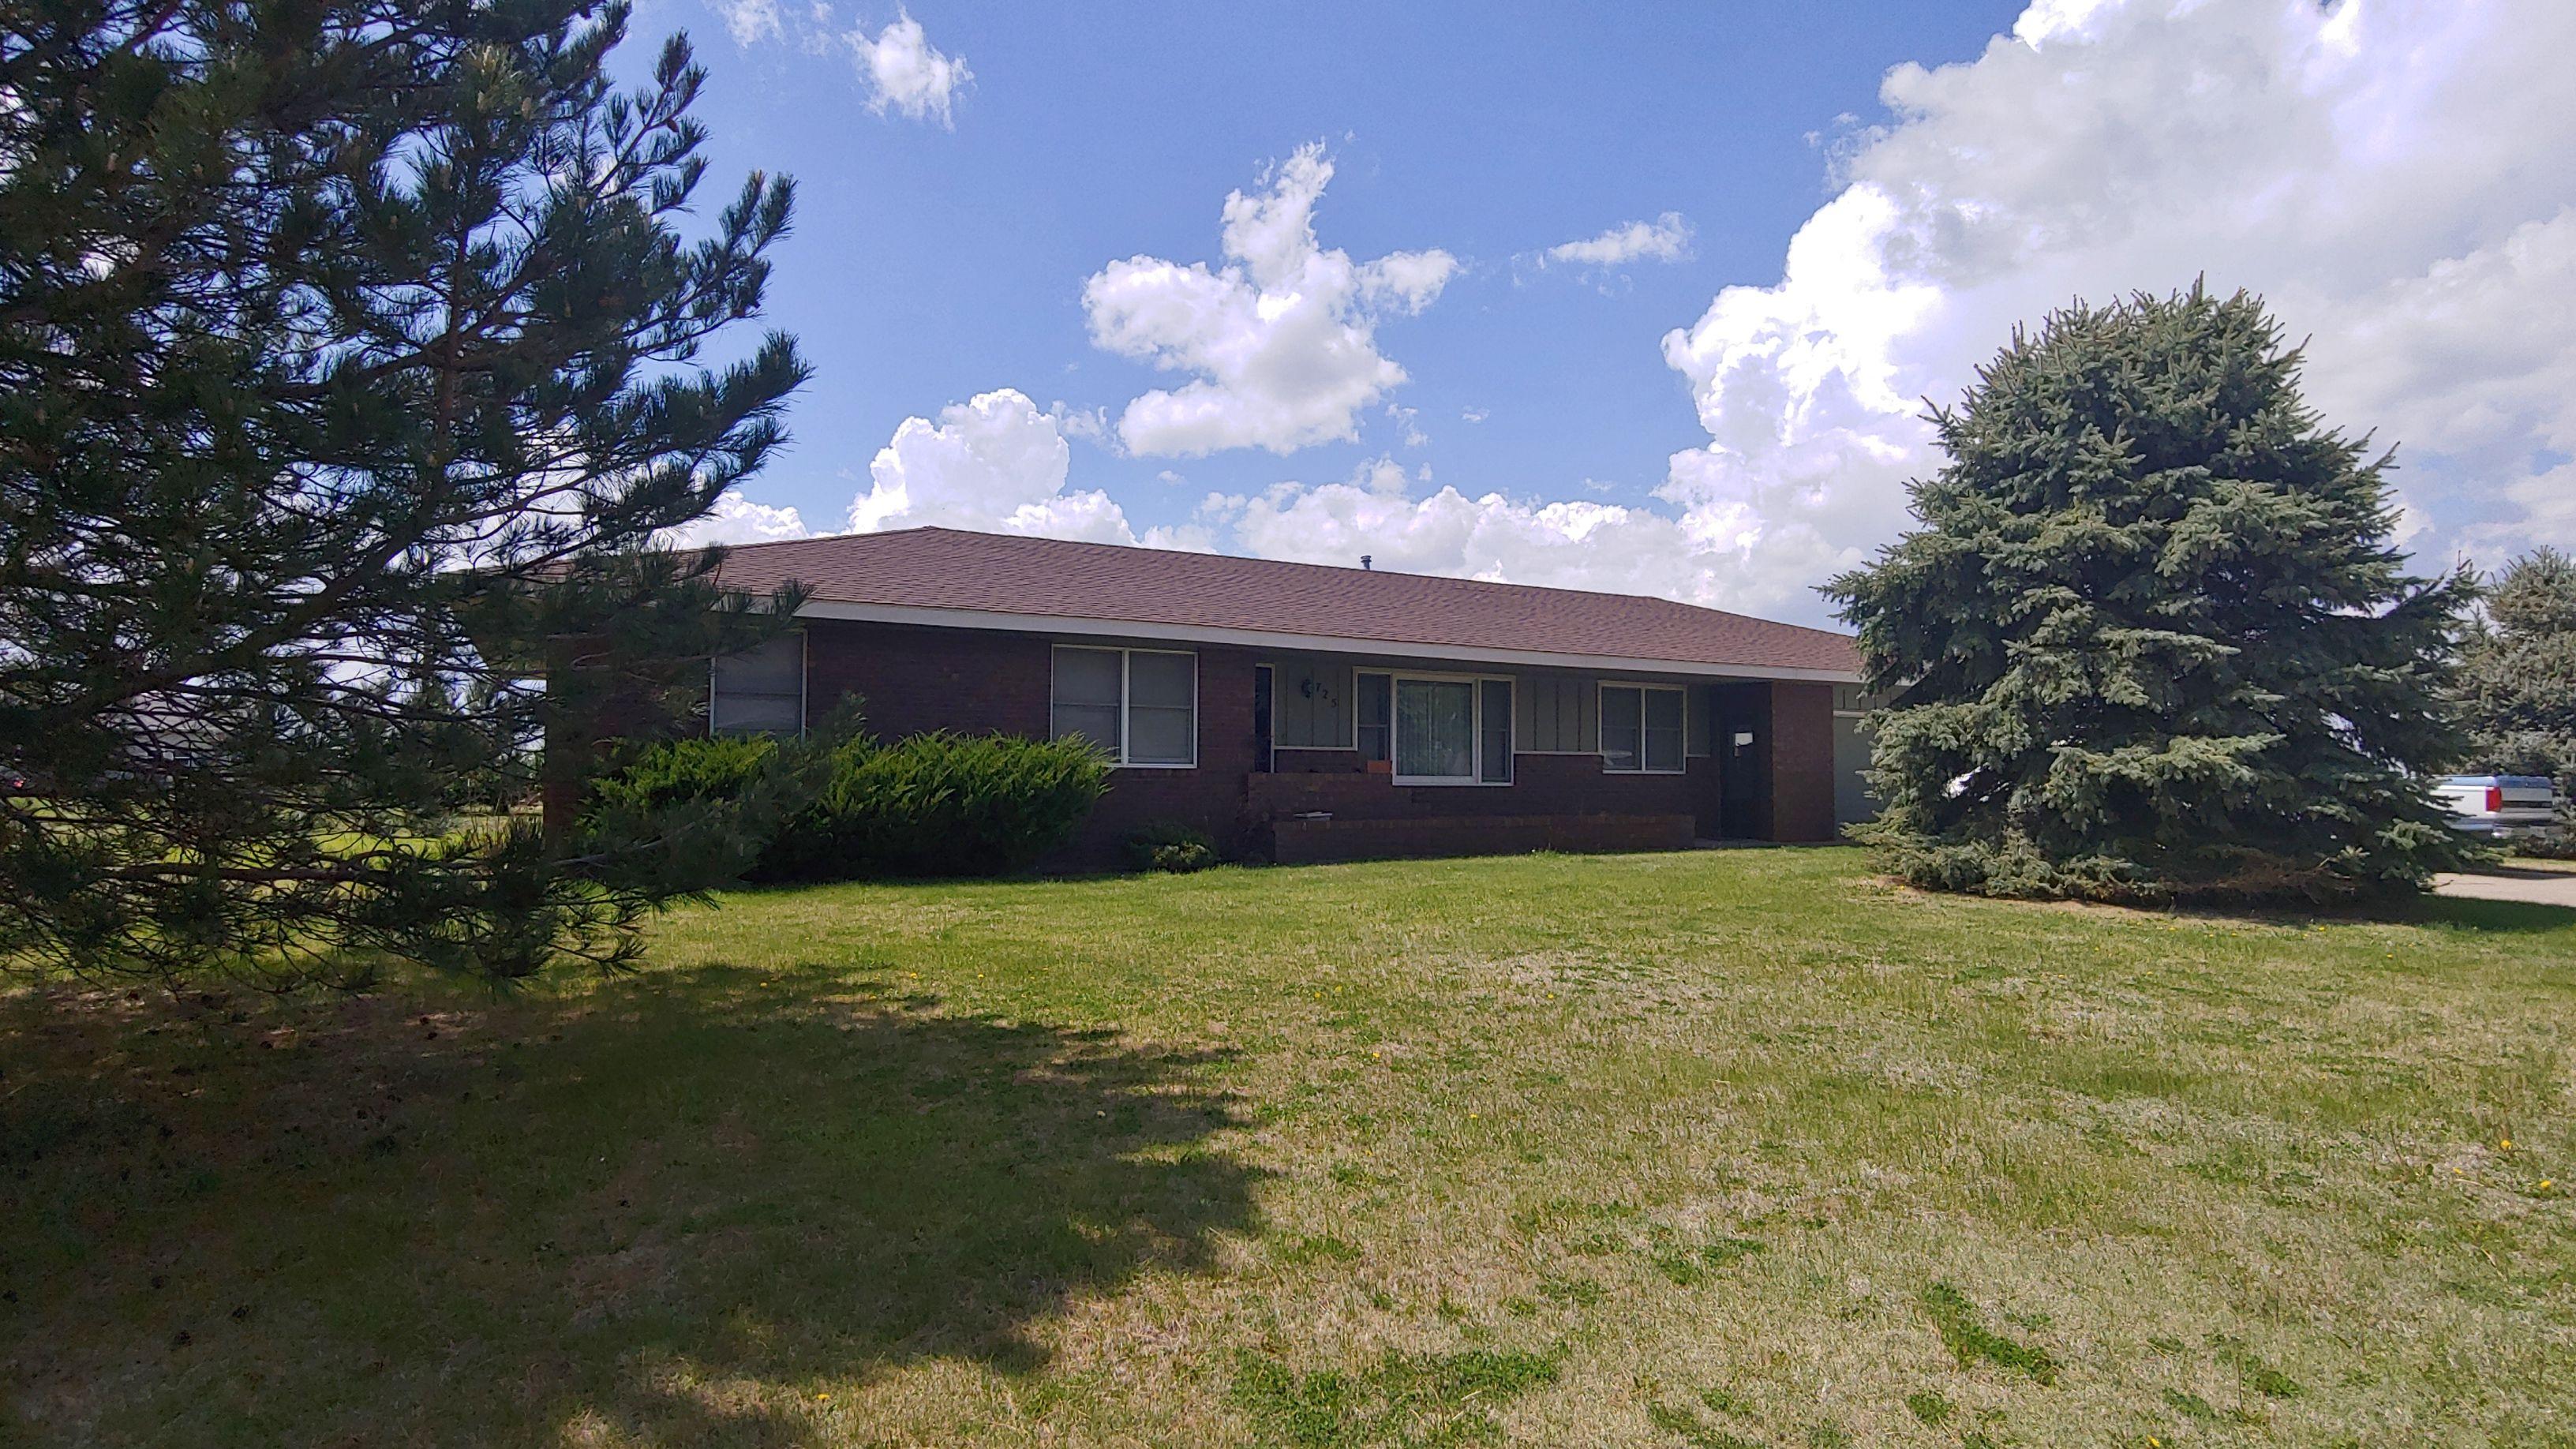 725 N. Main, Plainville, Kansas